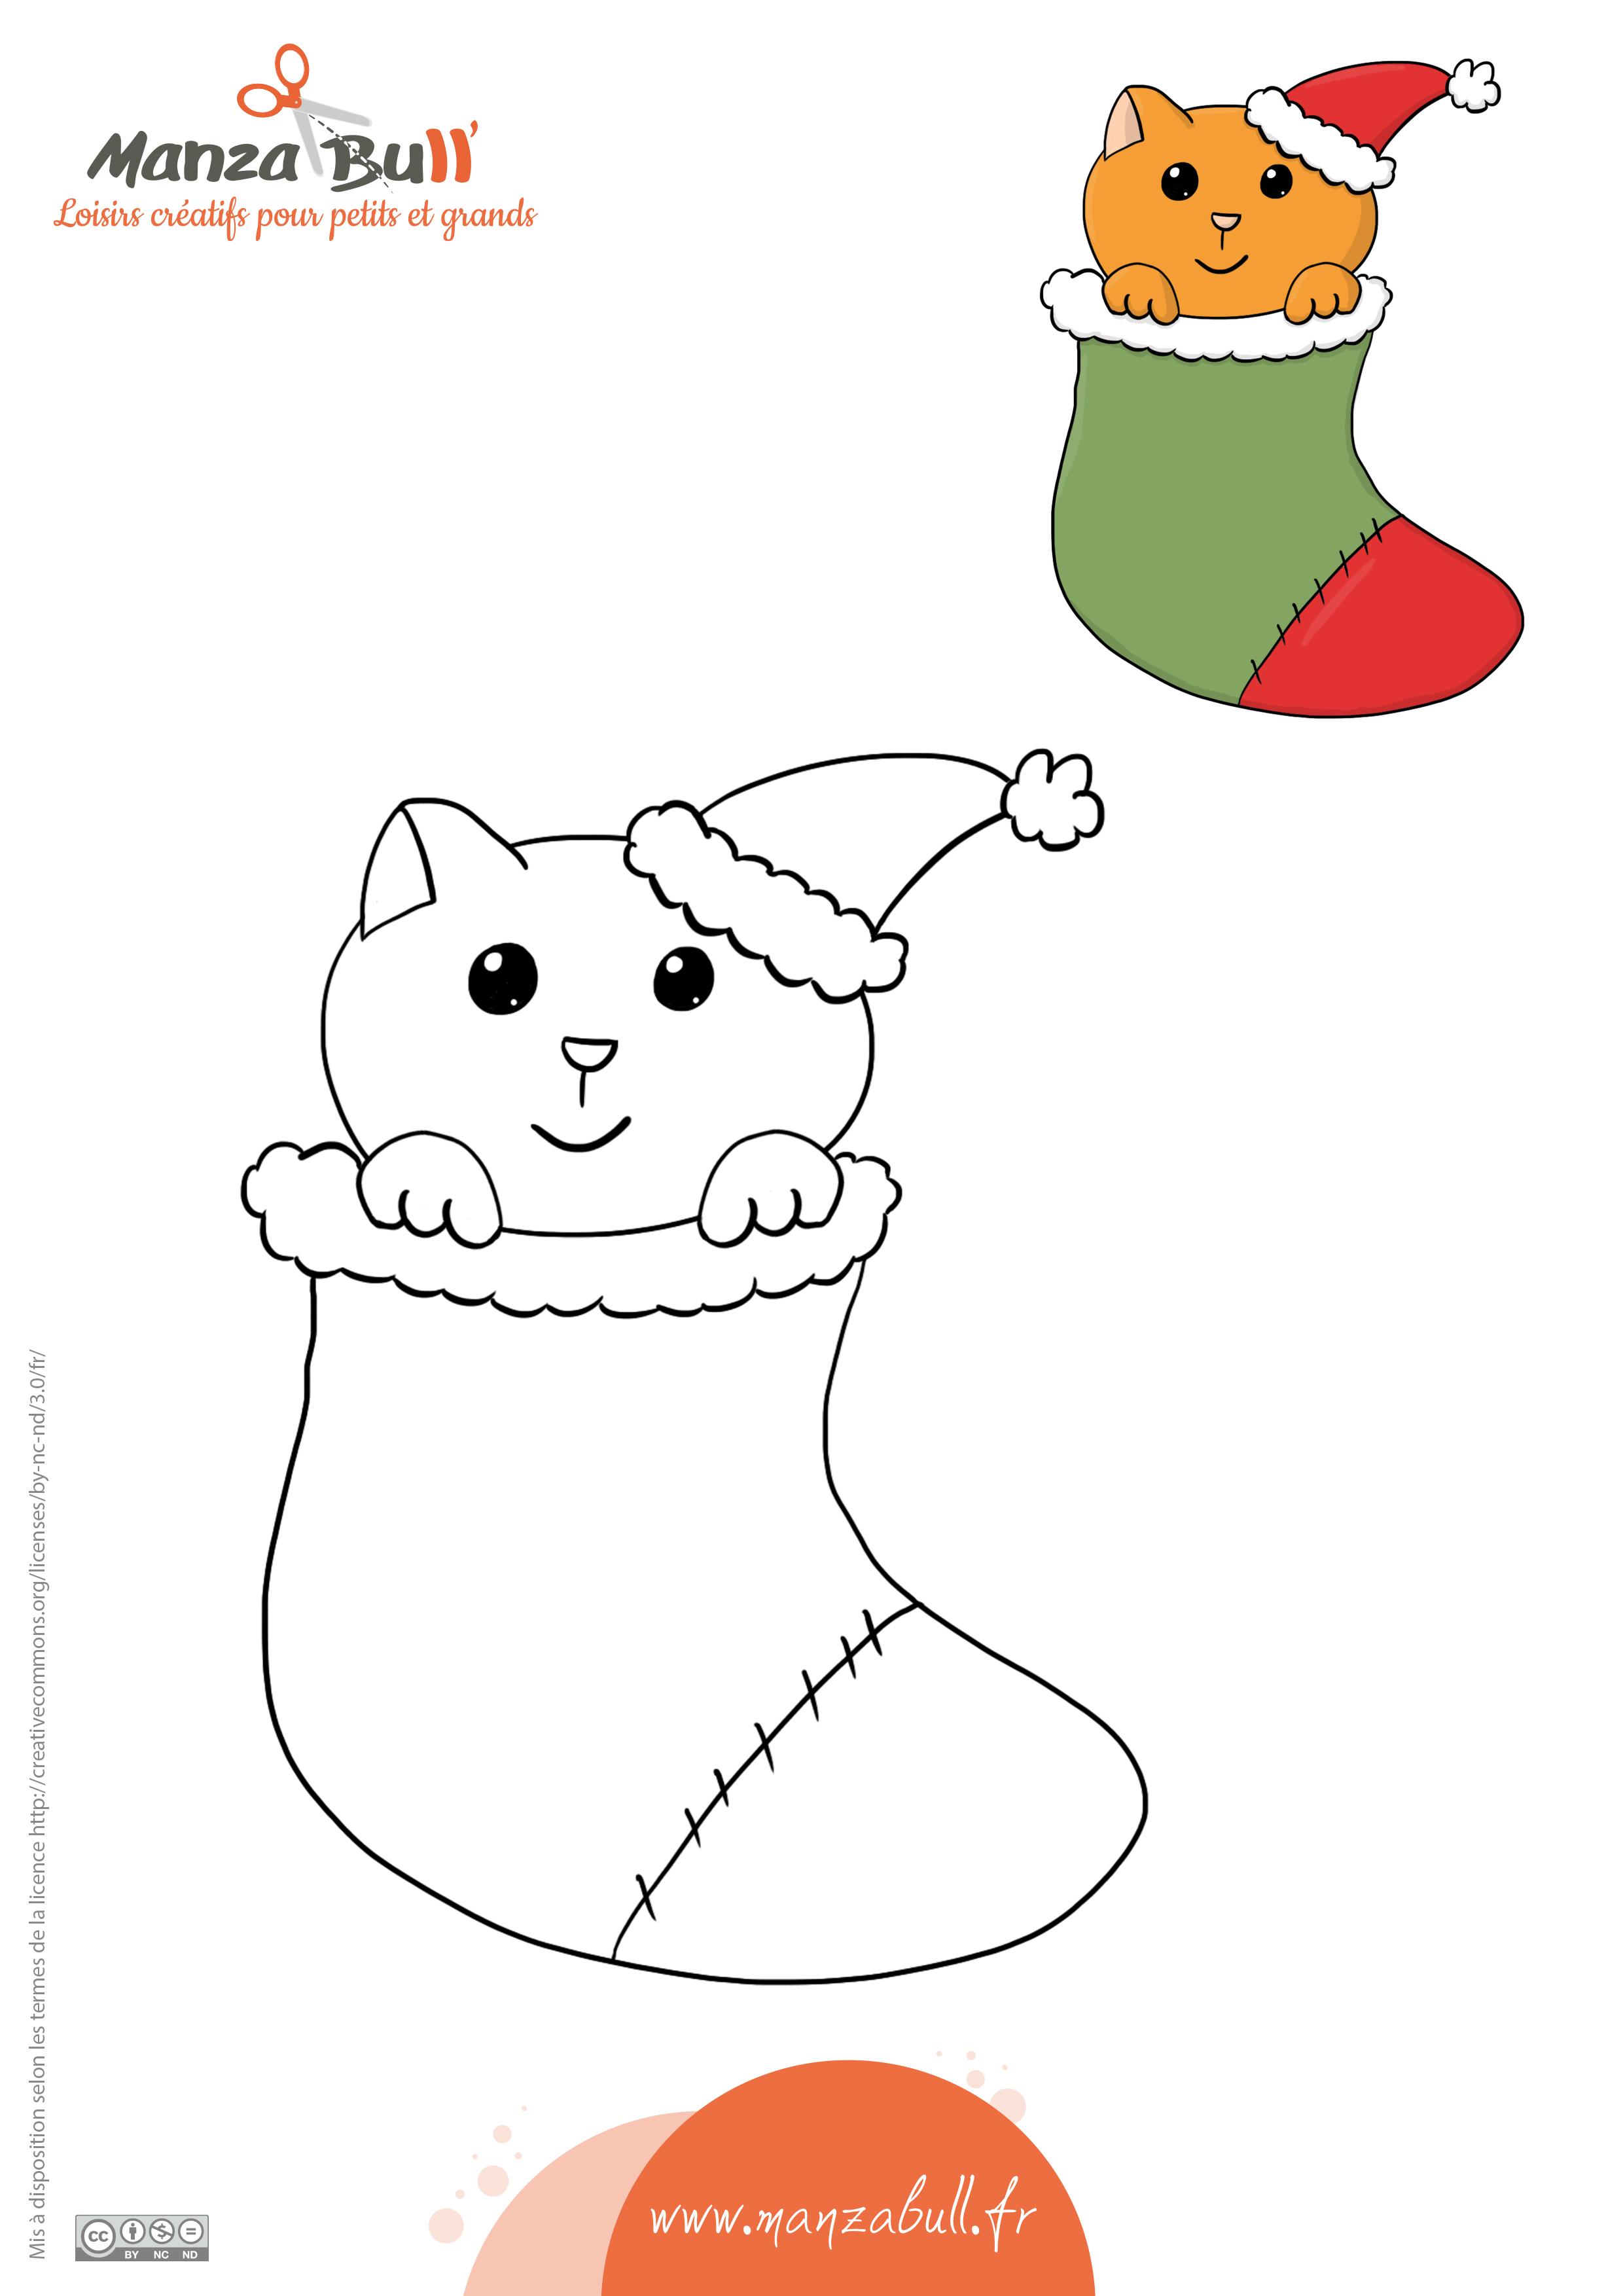 Coloriage De Noël Chat Manzabull